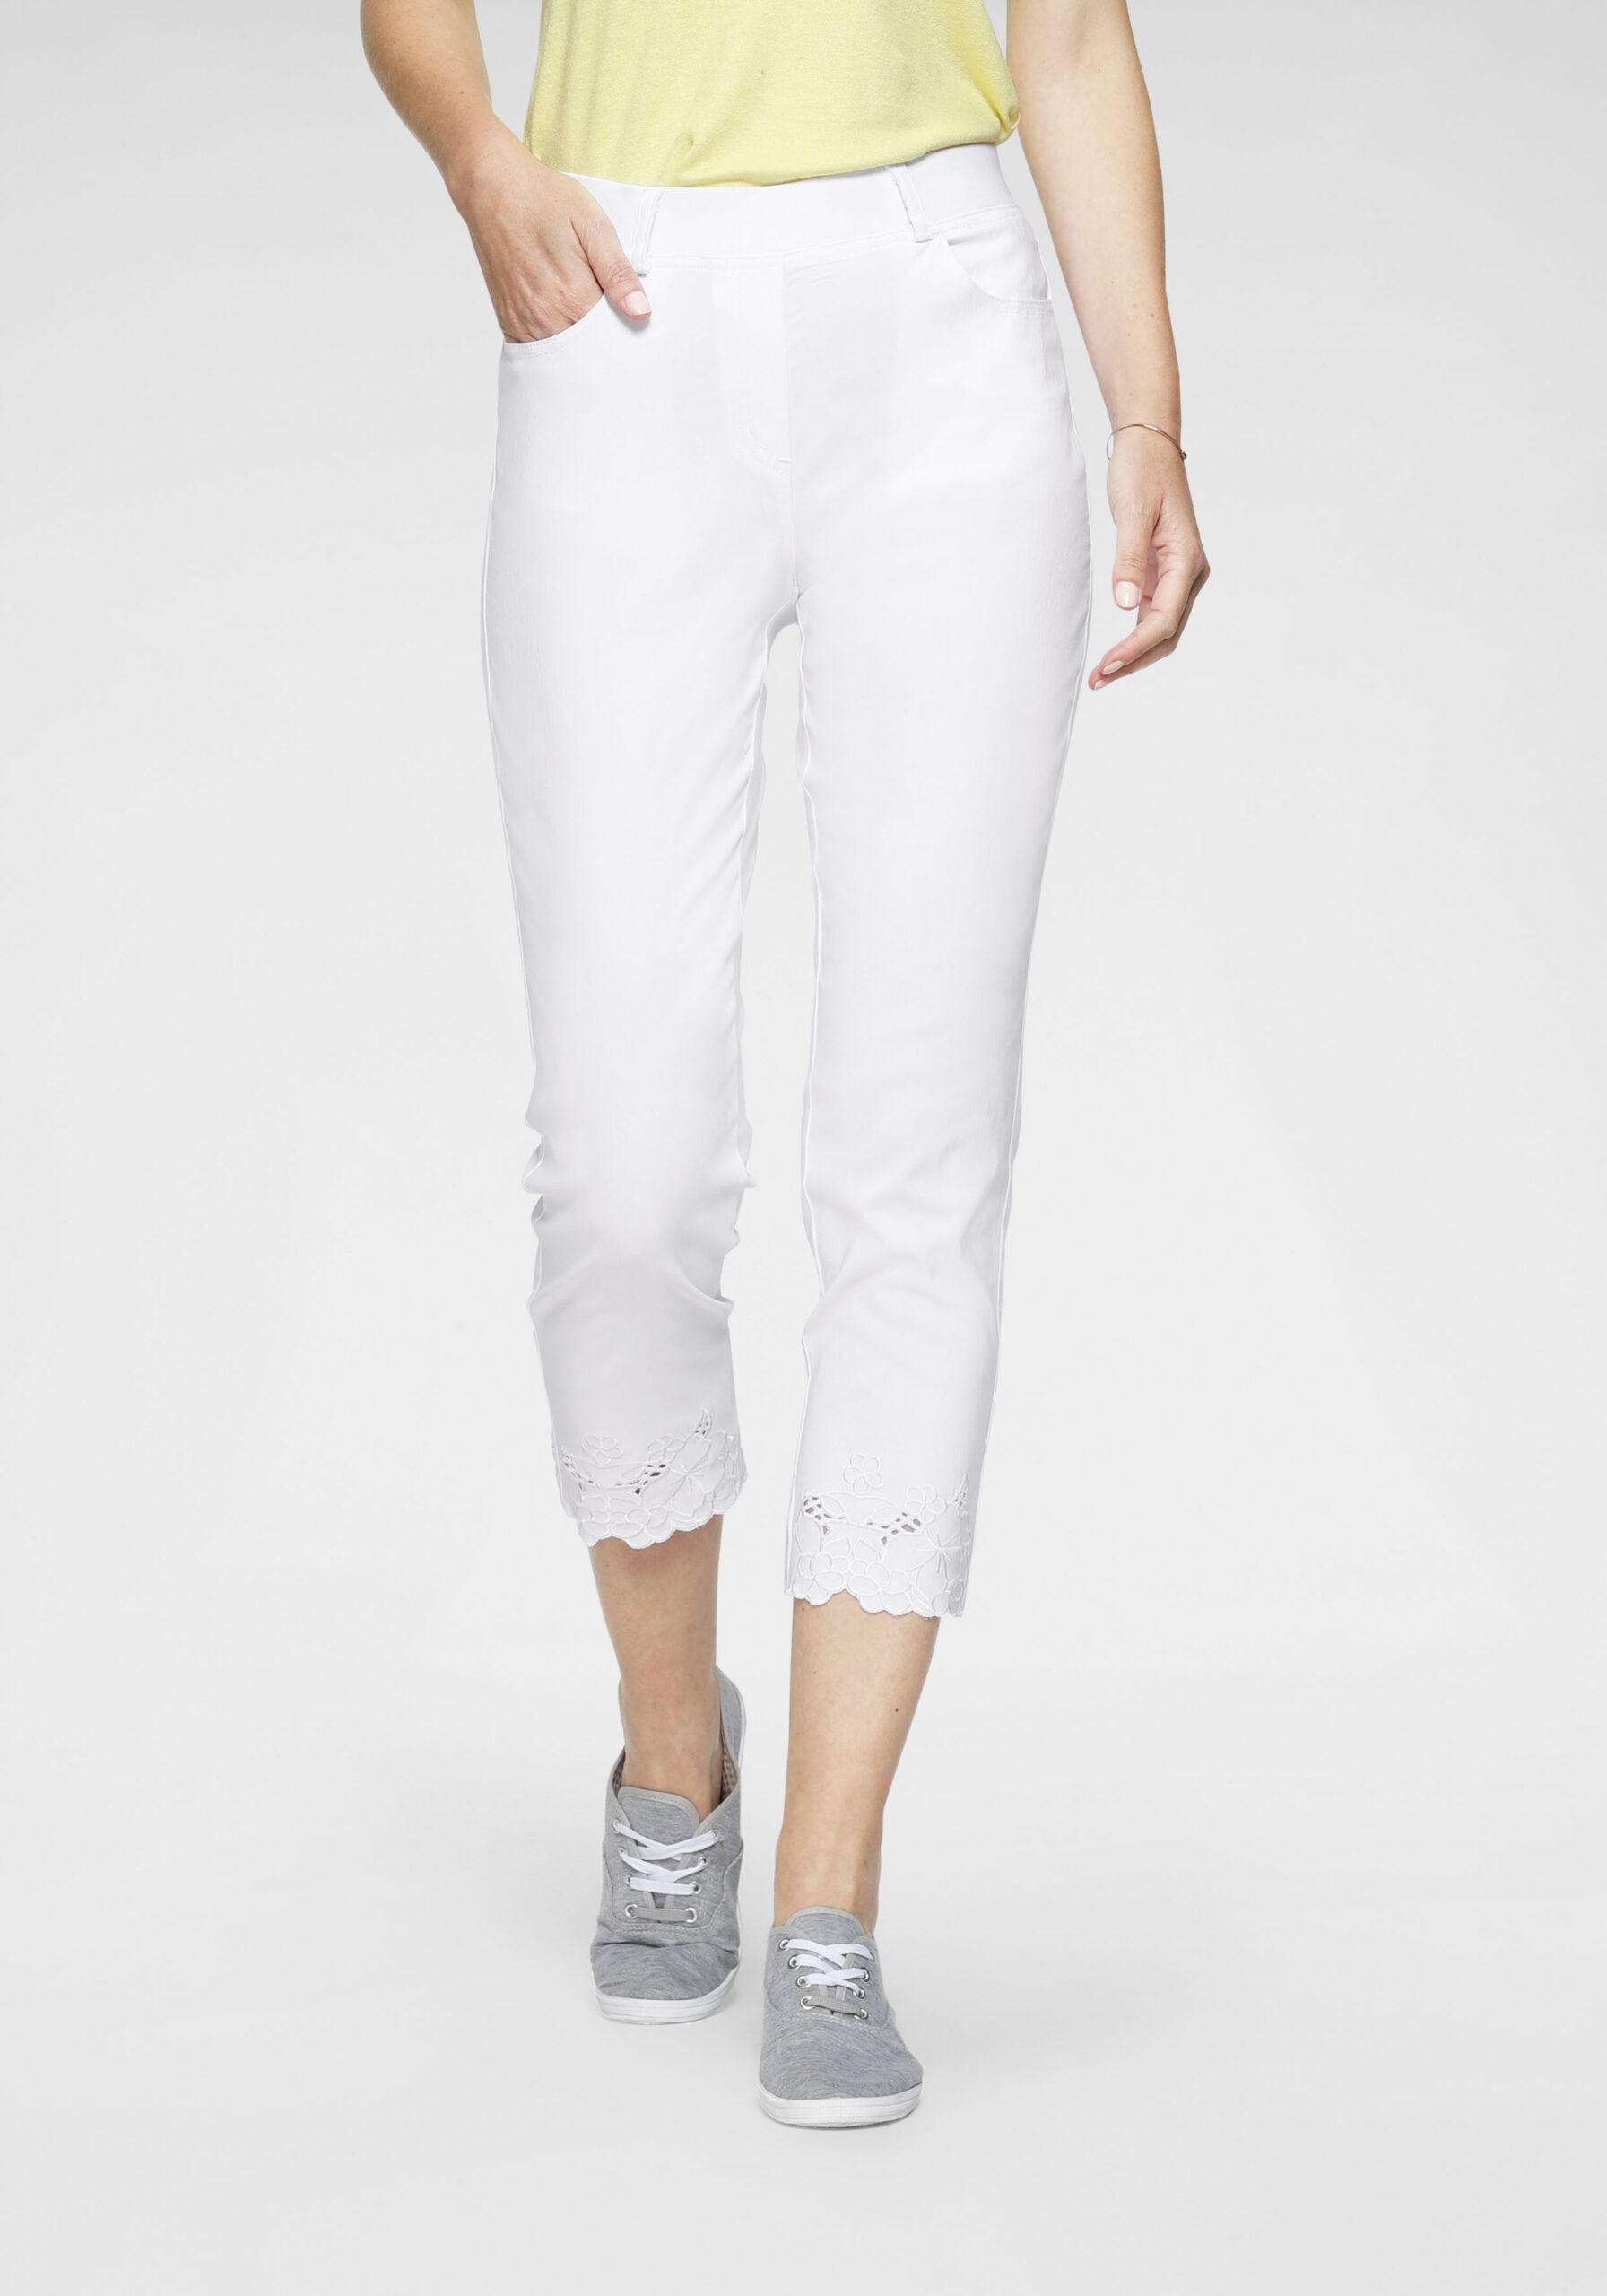 Damen Stretch-Hose mit Stickerei